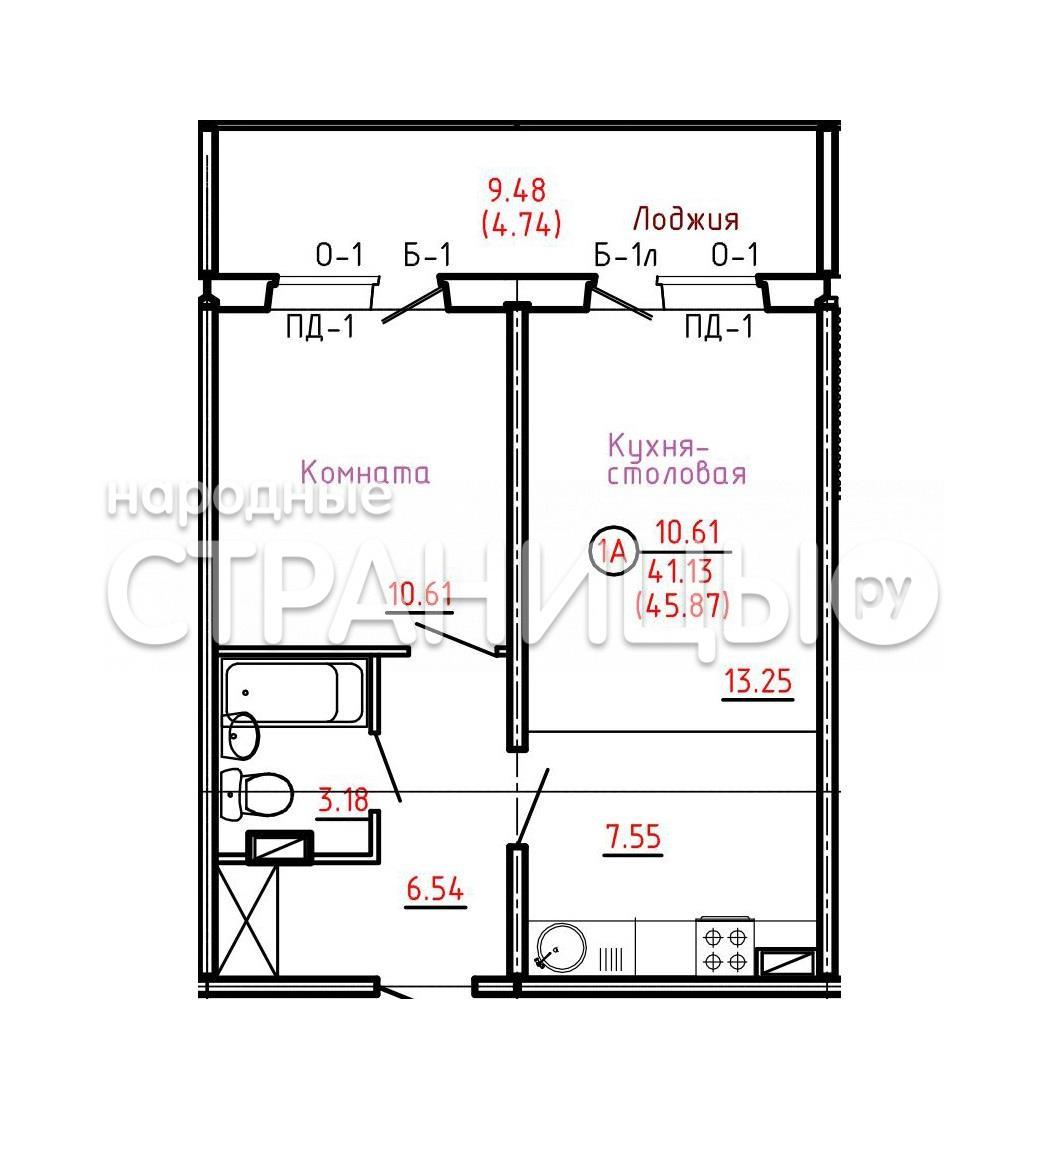 2 - комнатная квартира, 46.0 м²,  6/17 эт. Панельный дом